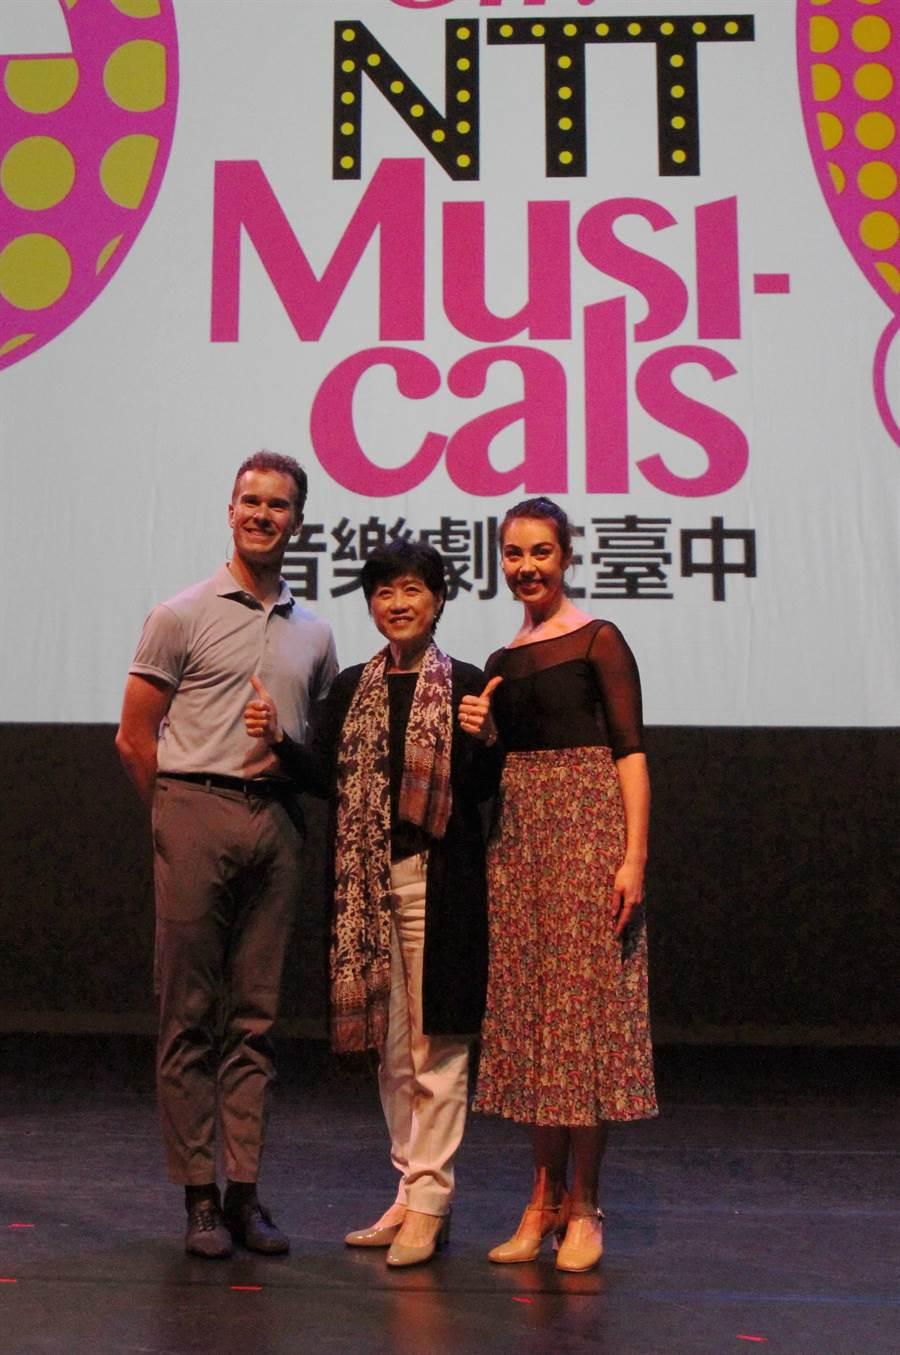 台中國家歌劇院今年夏天推出「音樂劇在台中」,要打造夏天就是「Oh! NTT Musicals!」的季節。(陳淑芬攝)